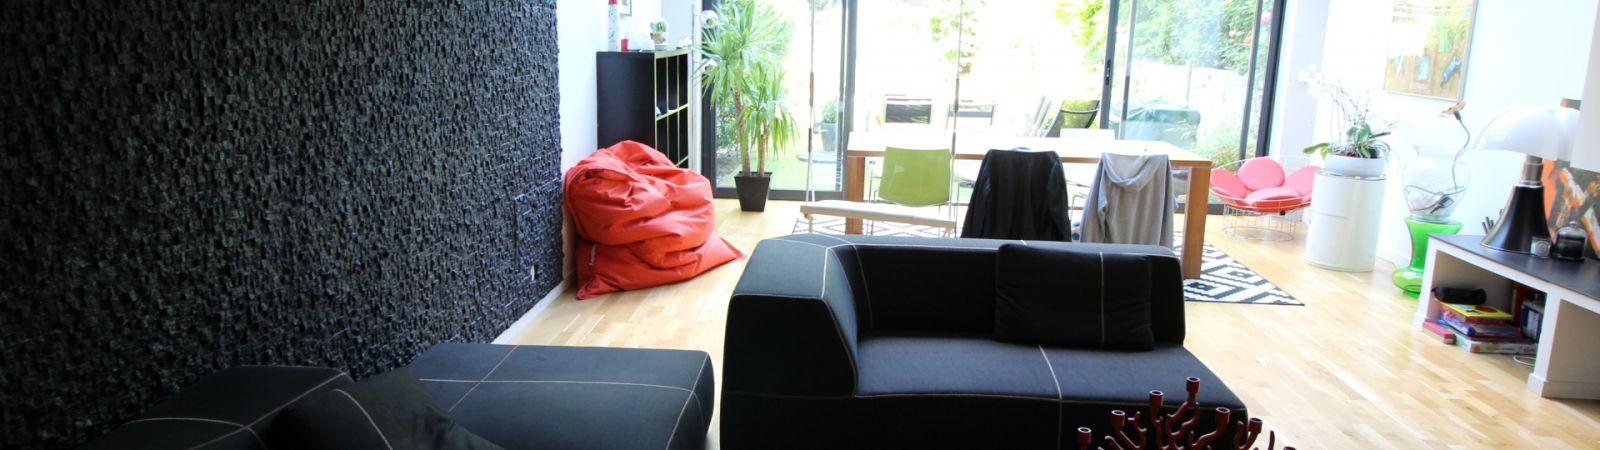 photo 3: Maison d'architecte Design